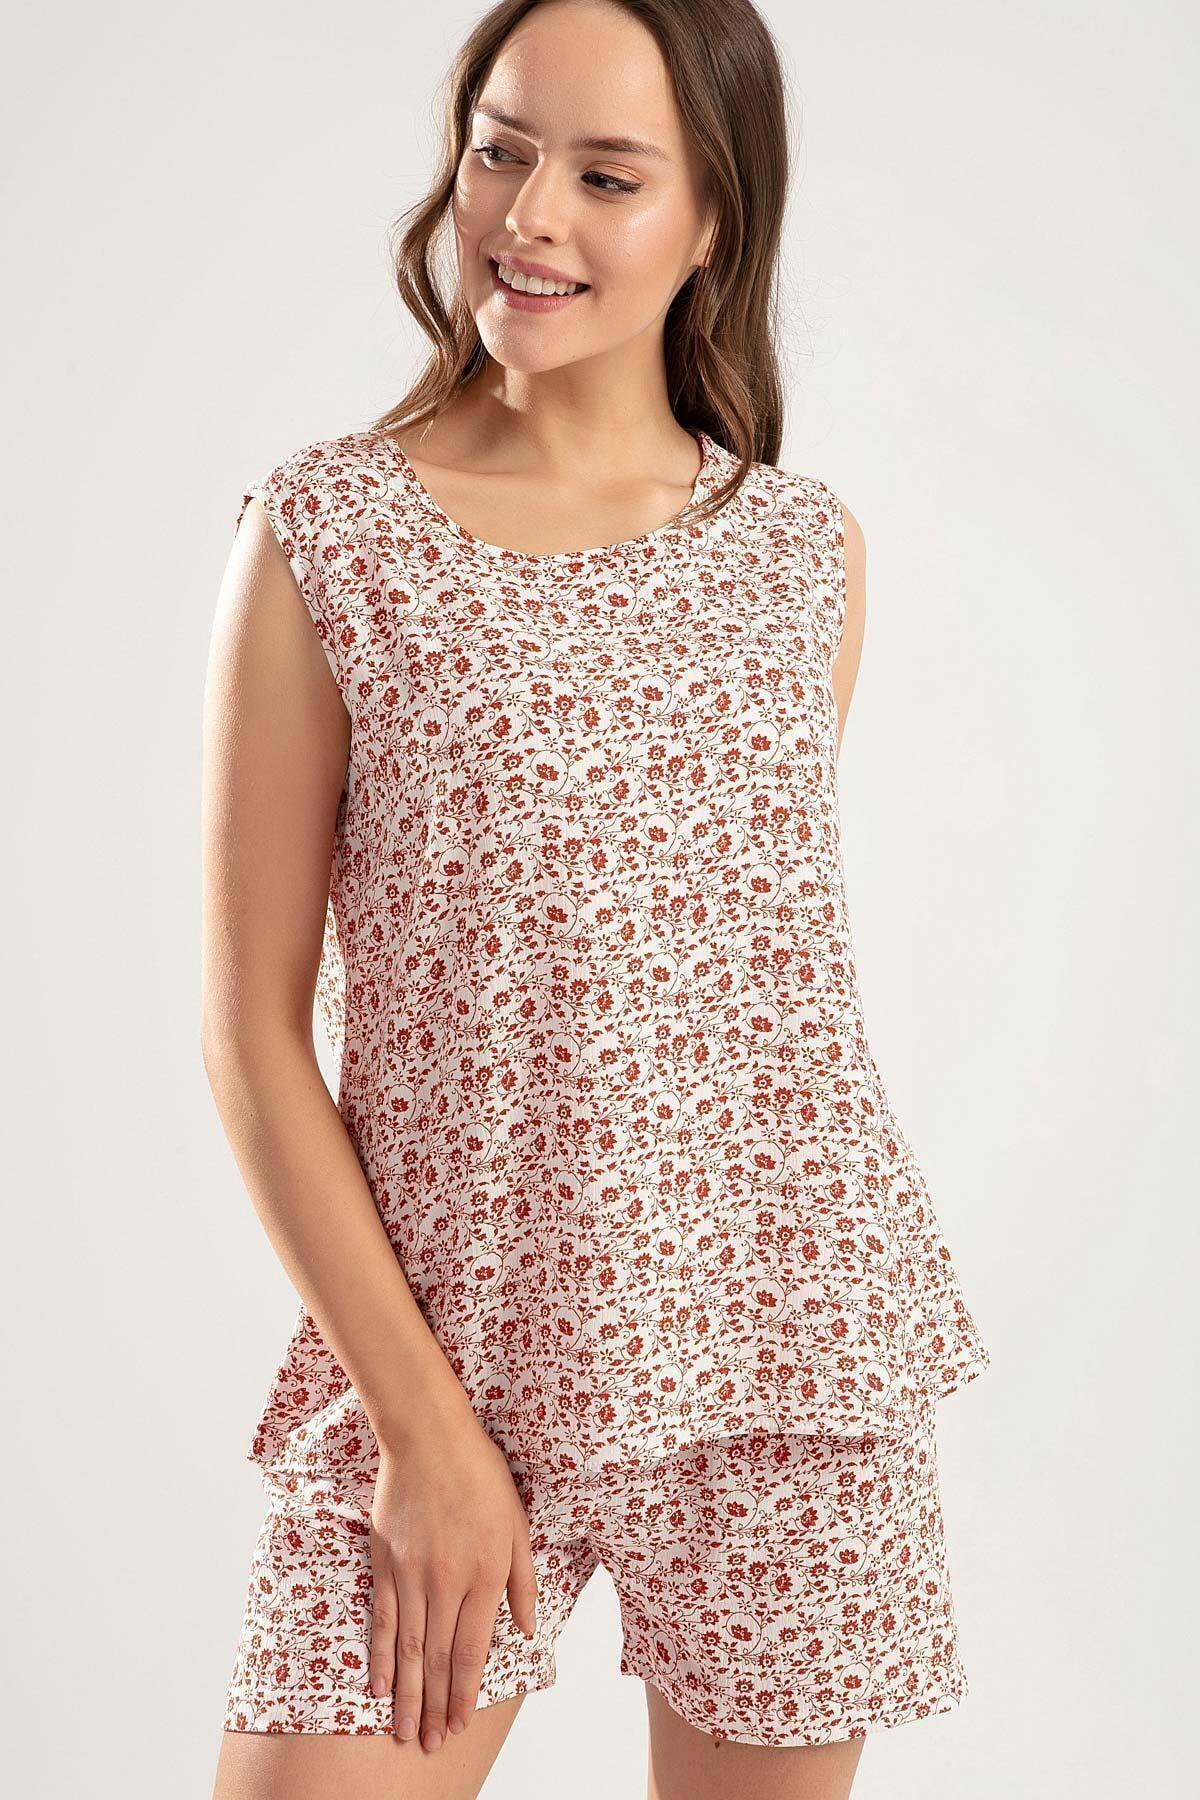 Pattaya Kadın Çiçekli Şortlu Pijama Takımı Y20s110-6478-1 2